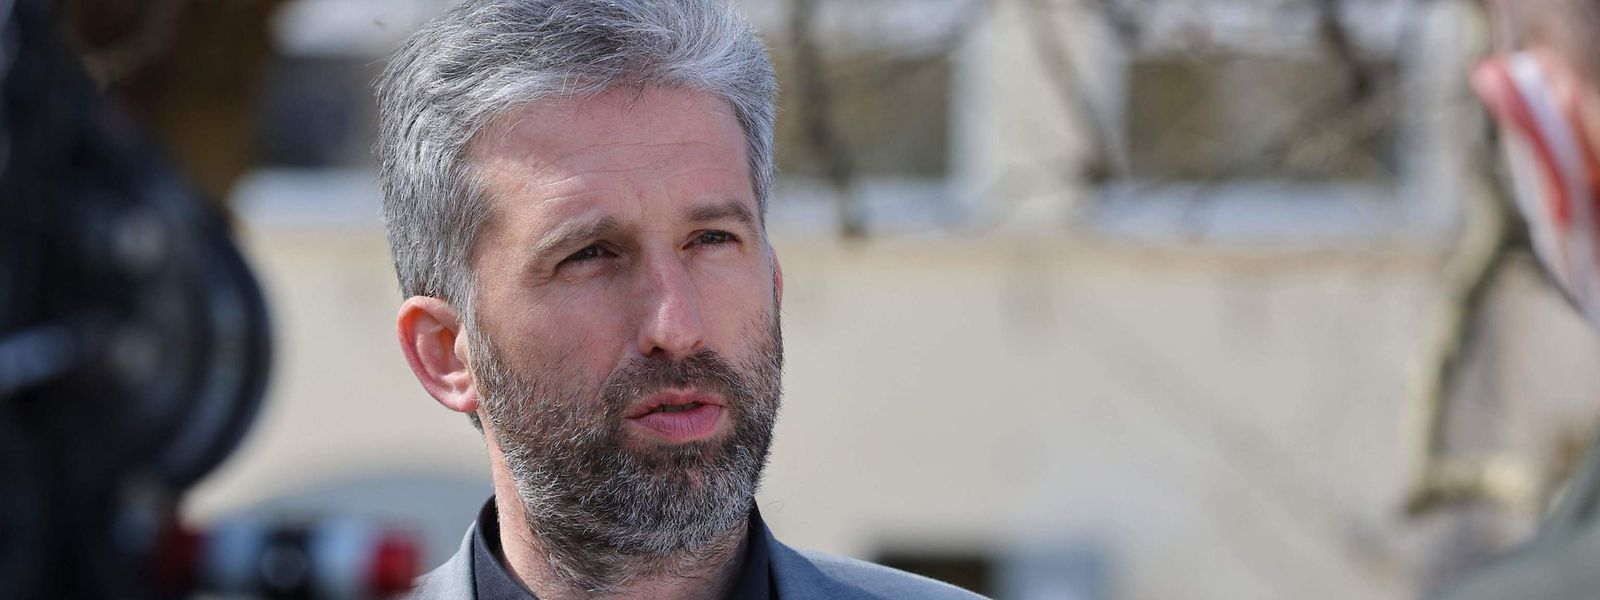 Der Tübinger Oberbürgermeister Boris Palmer hat seinen Ruf als Enfant terrible der deutschen Grünen gefestigt.